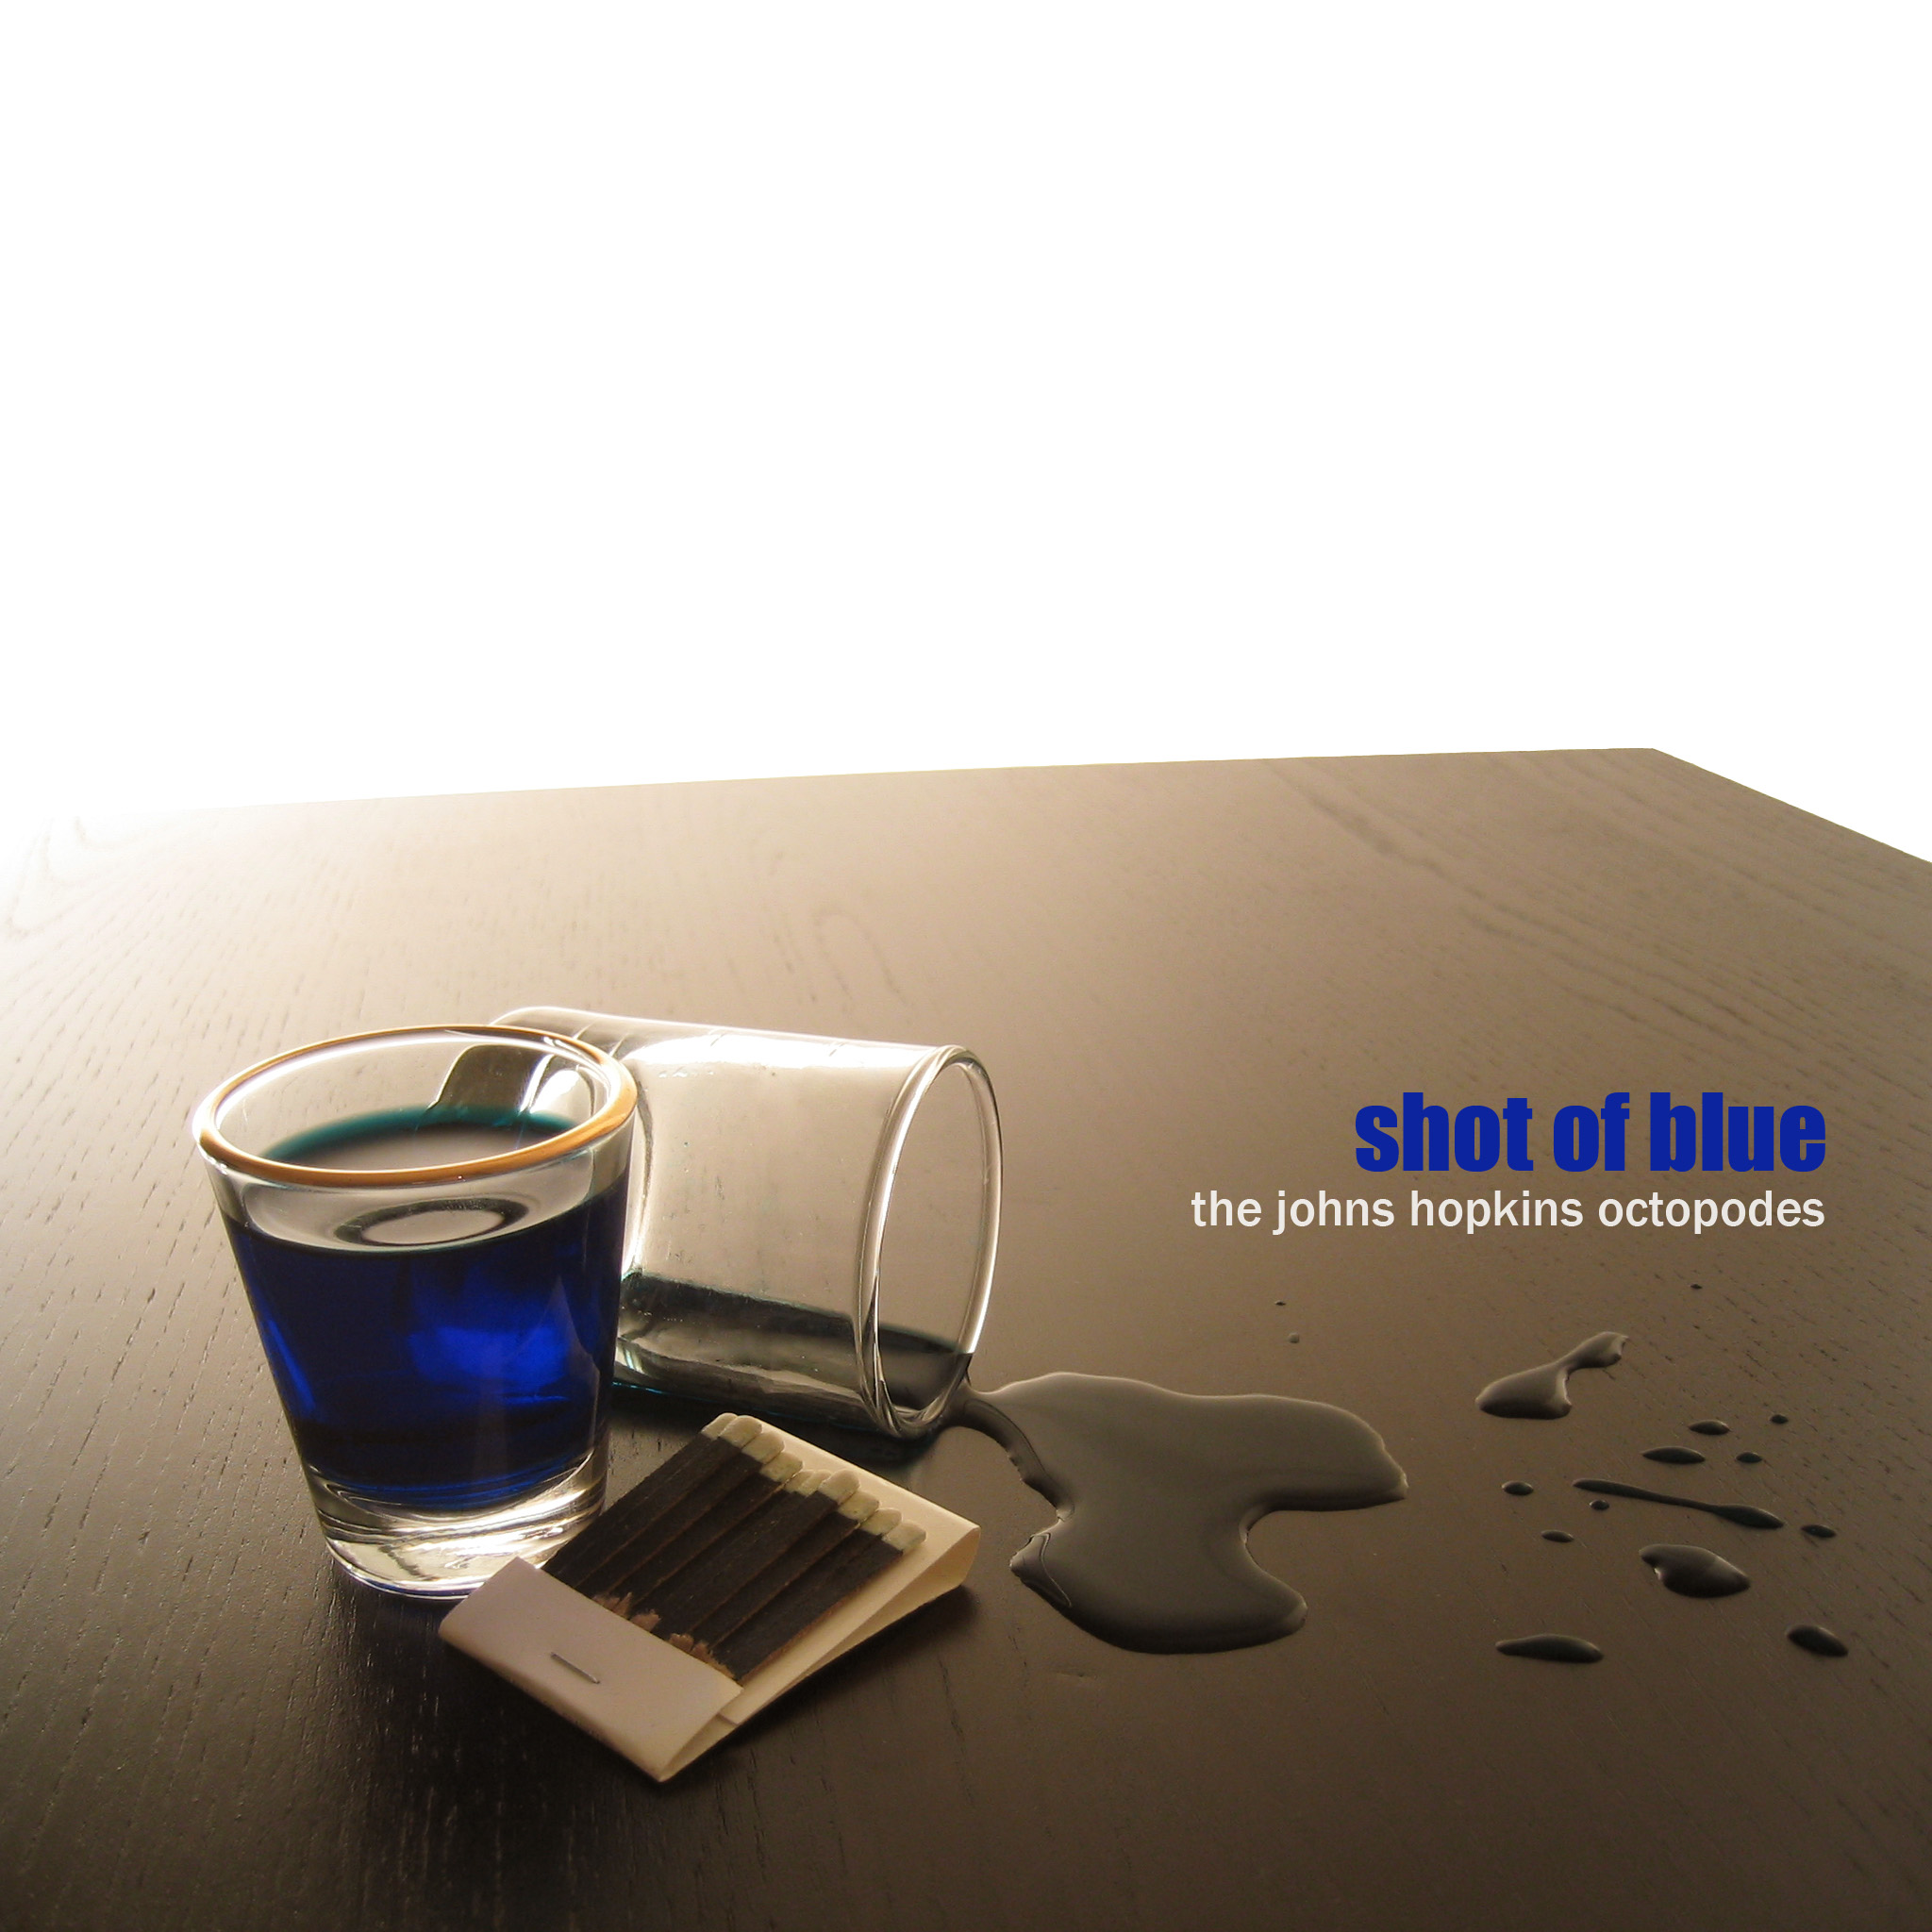 Shot of Blue (2004)